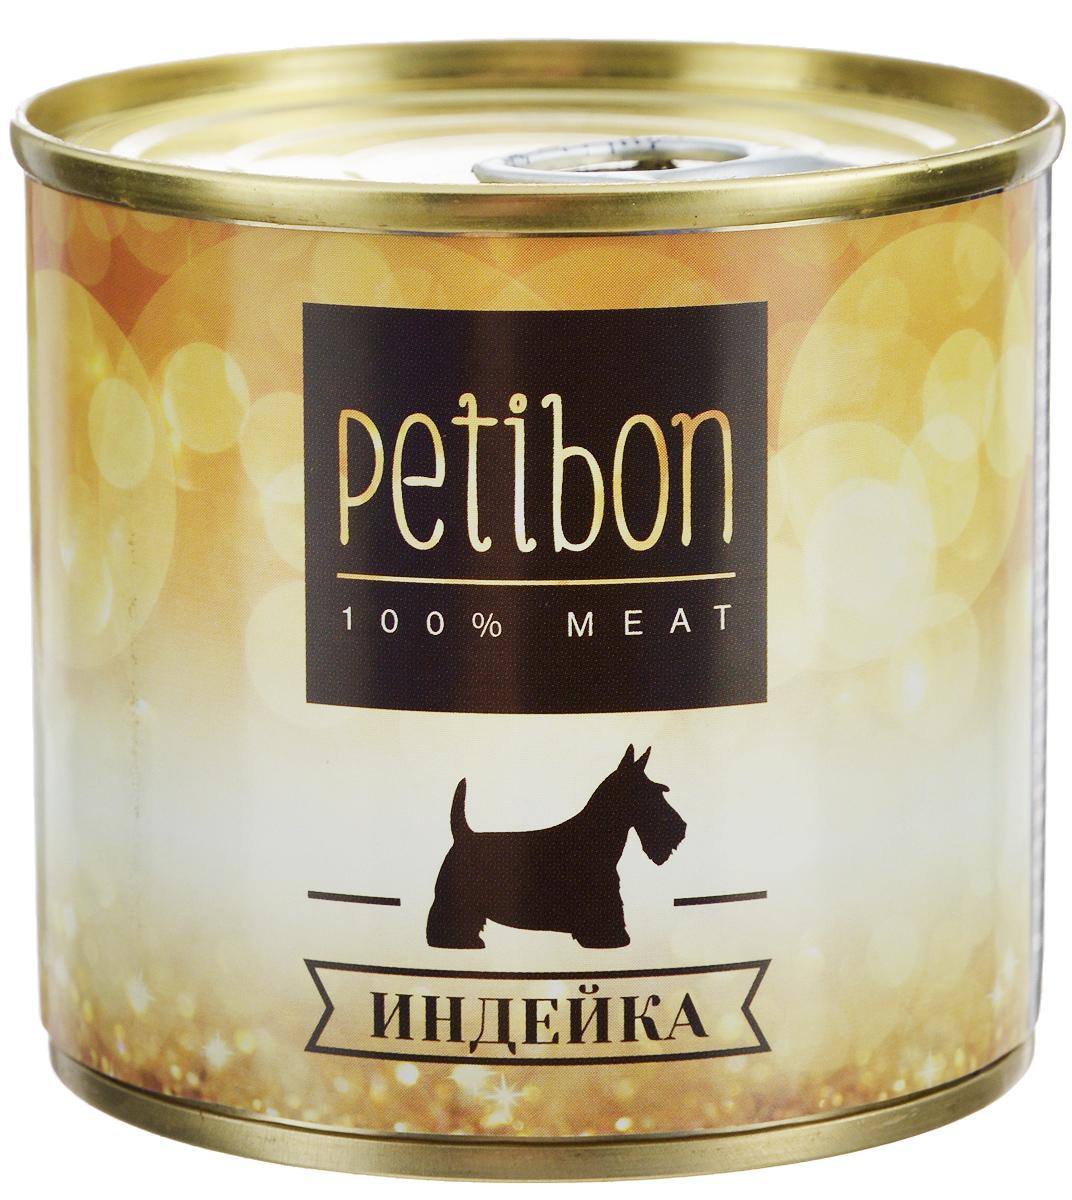 Консервы для собак Petibon, с индейкой, 240 г315141002Petibon - влажный мясной корм для собак. Использование монобелкового комплексного сырья значительно расширяет аминокислотный состав продукта. Использование корма рекомендовано для собак, нуждающихся в диете или определённом виде мяса. Товар сертифицирован.